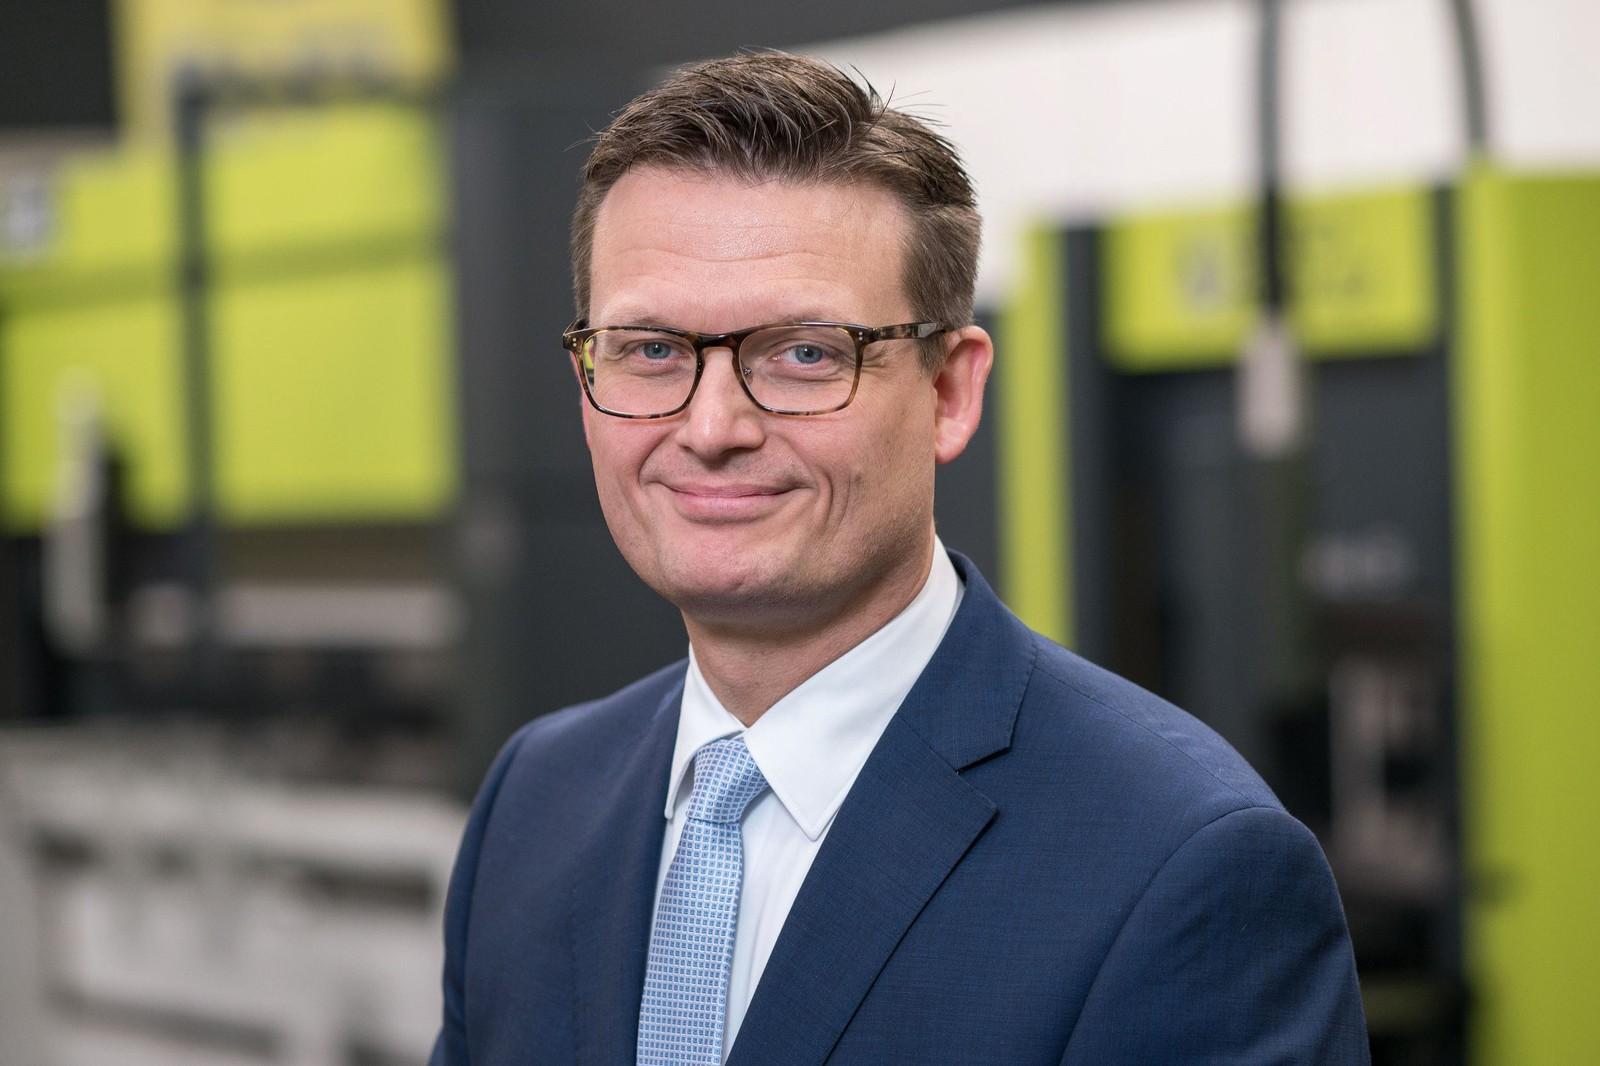 Maarten Coerman, CEO bei Safan Darley, kündigt ein komplettes Programm für die Automatisierung von Abkantpressen an.